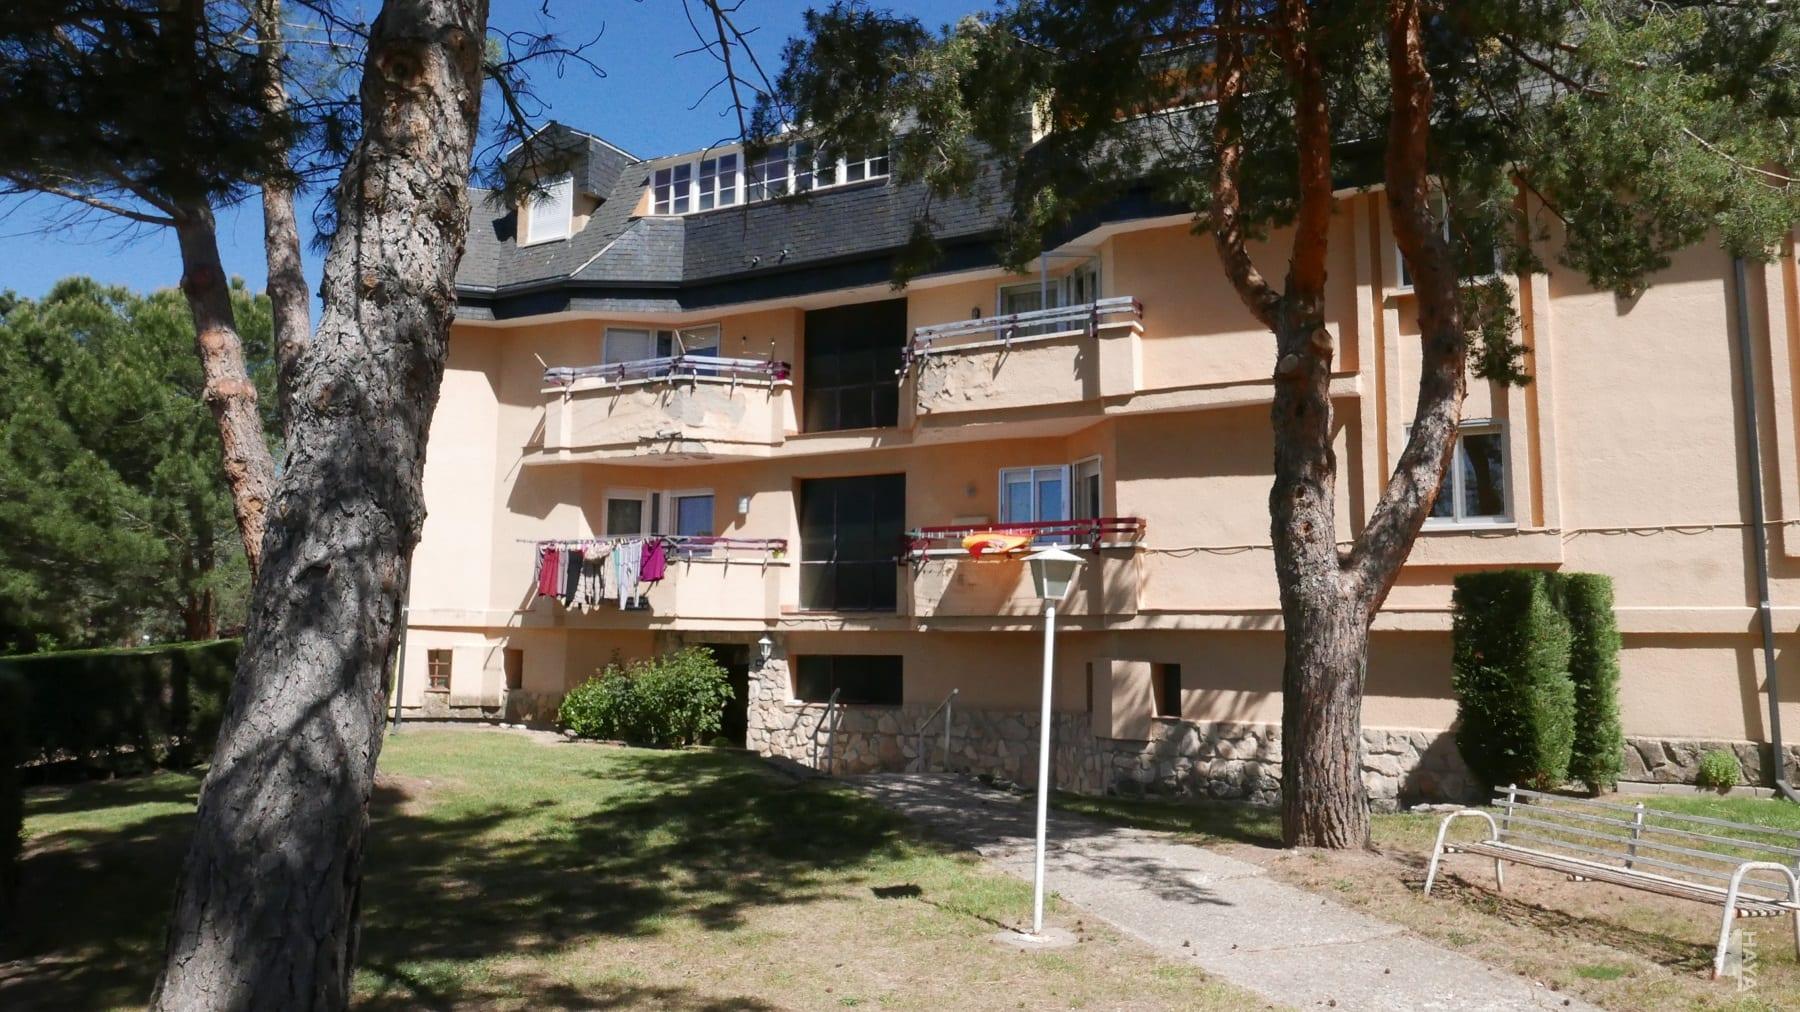 Piso en venta en Palazuelos de Eresma, Segovia, Calle Monton de Trigo, 63.000 €, 2 habitaciones, 1 baño, 93 m2